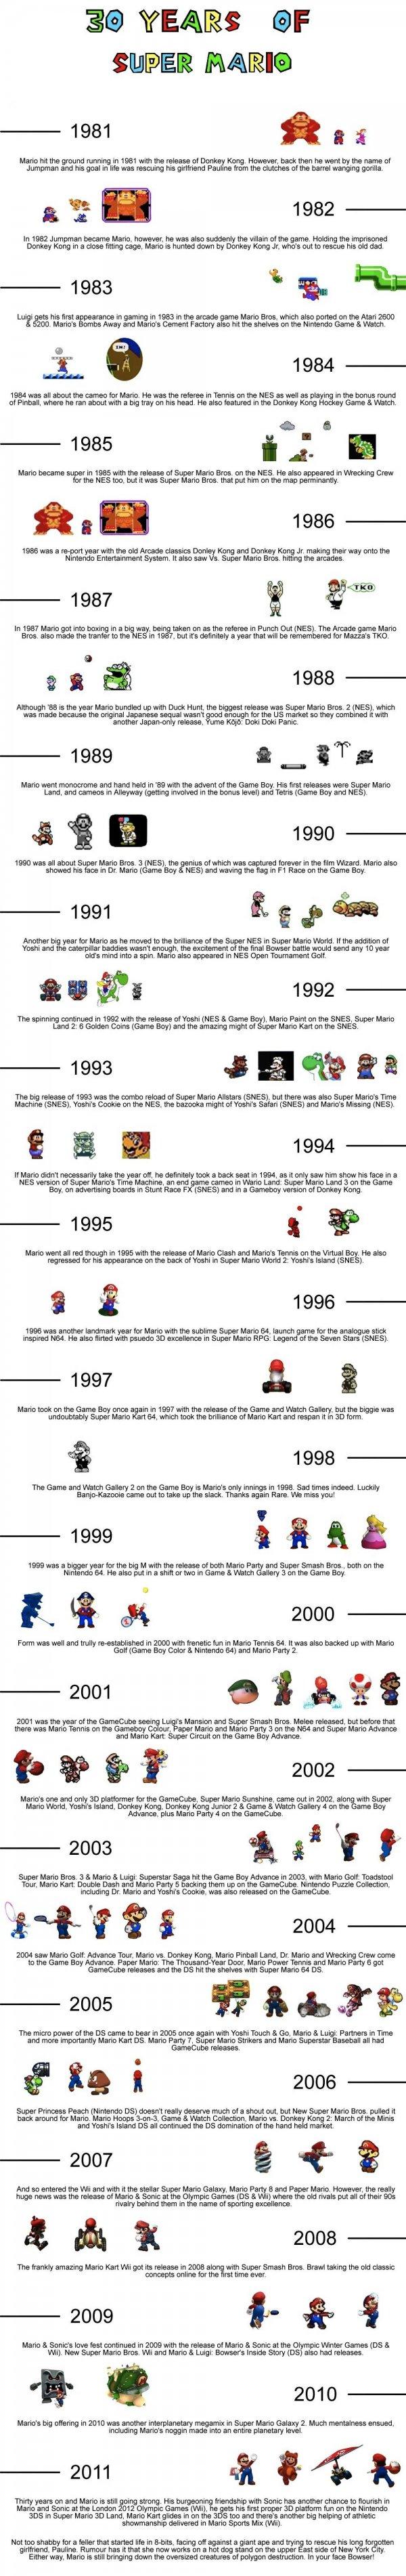 30-years-super-mario